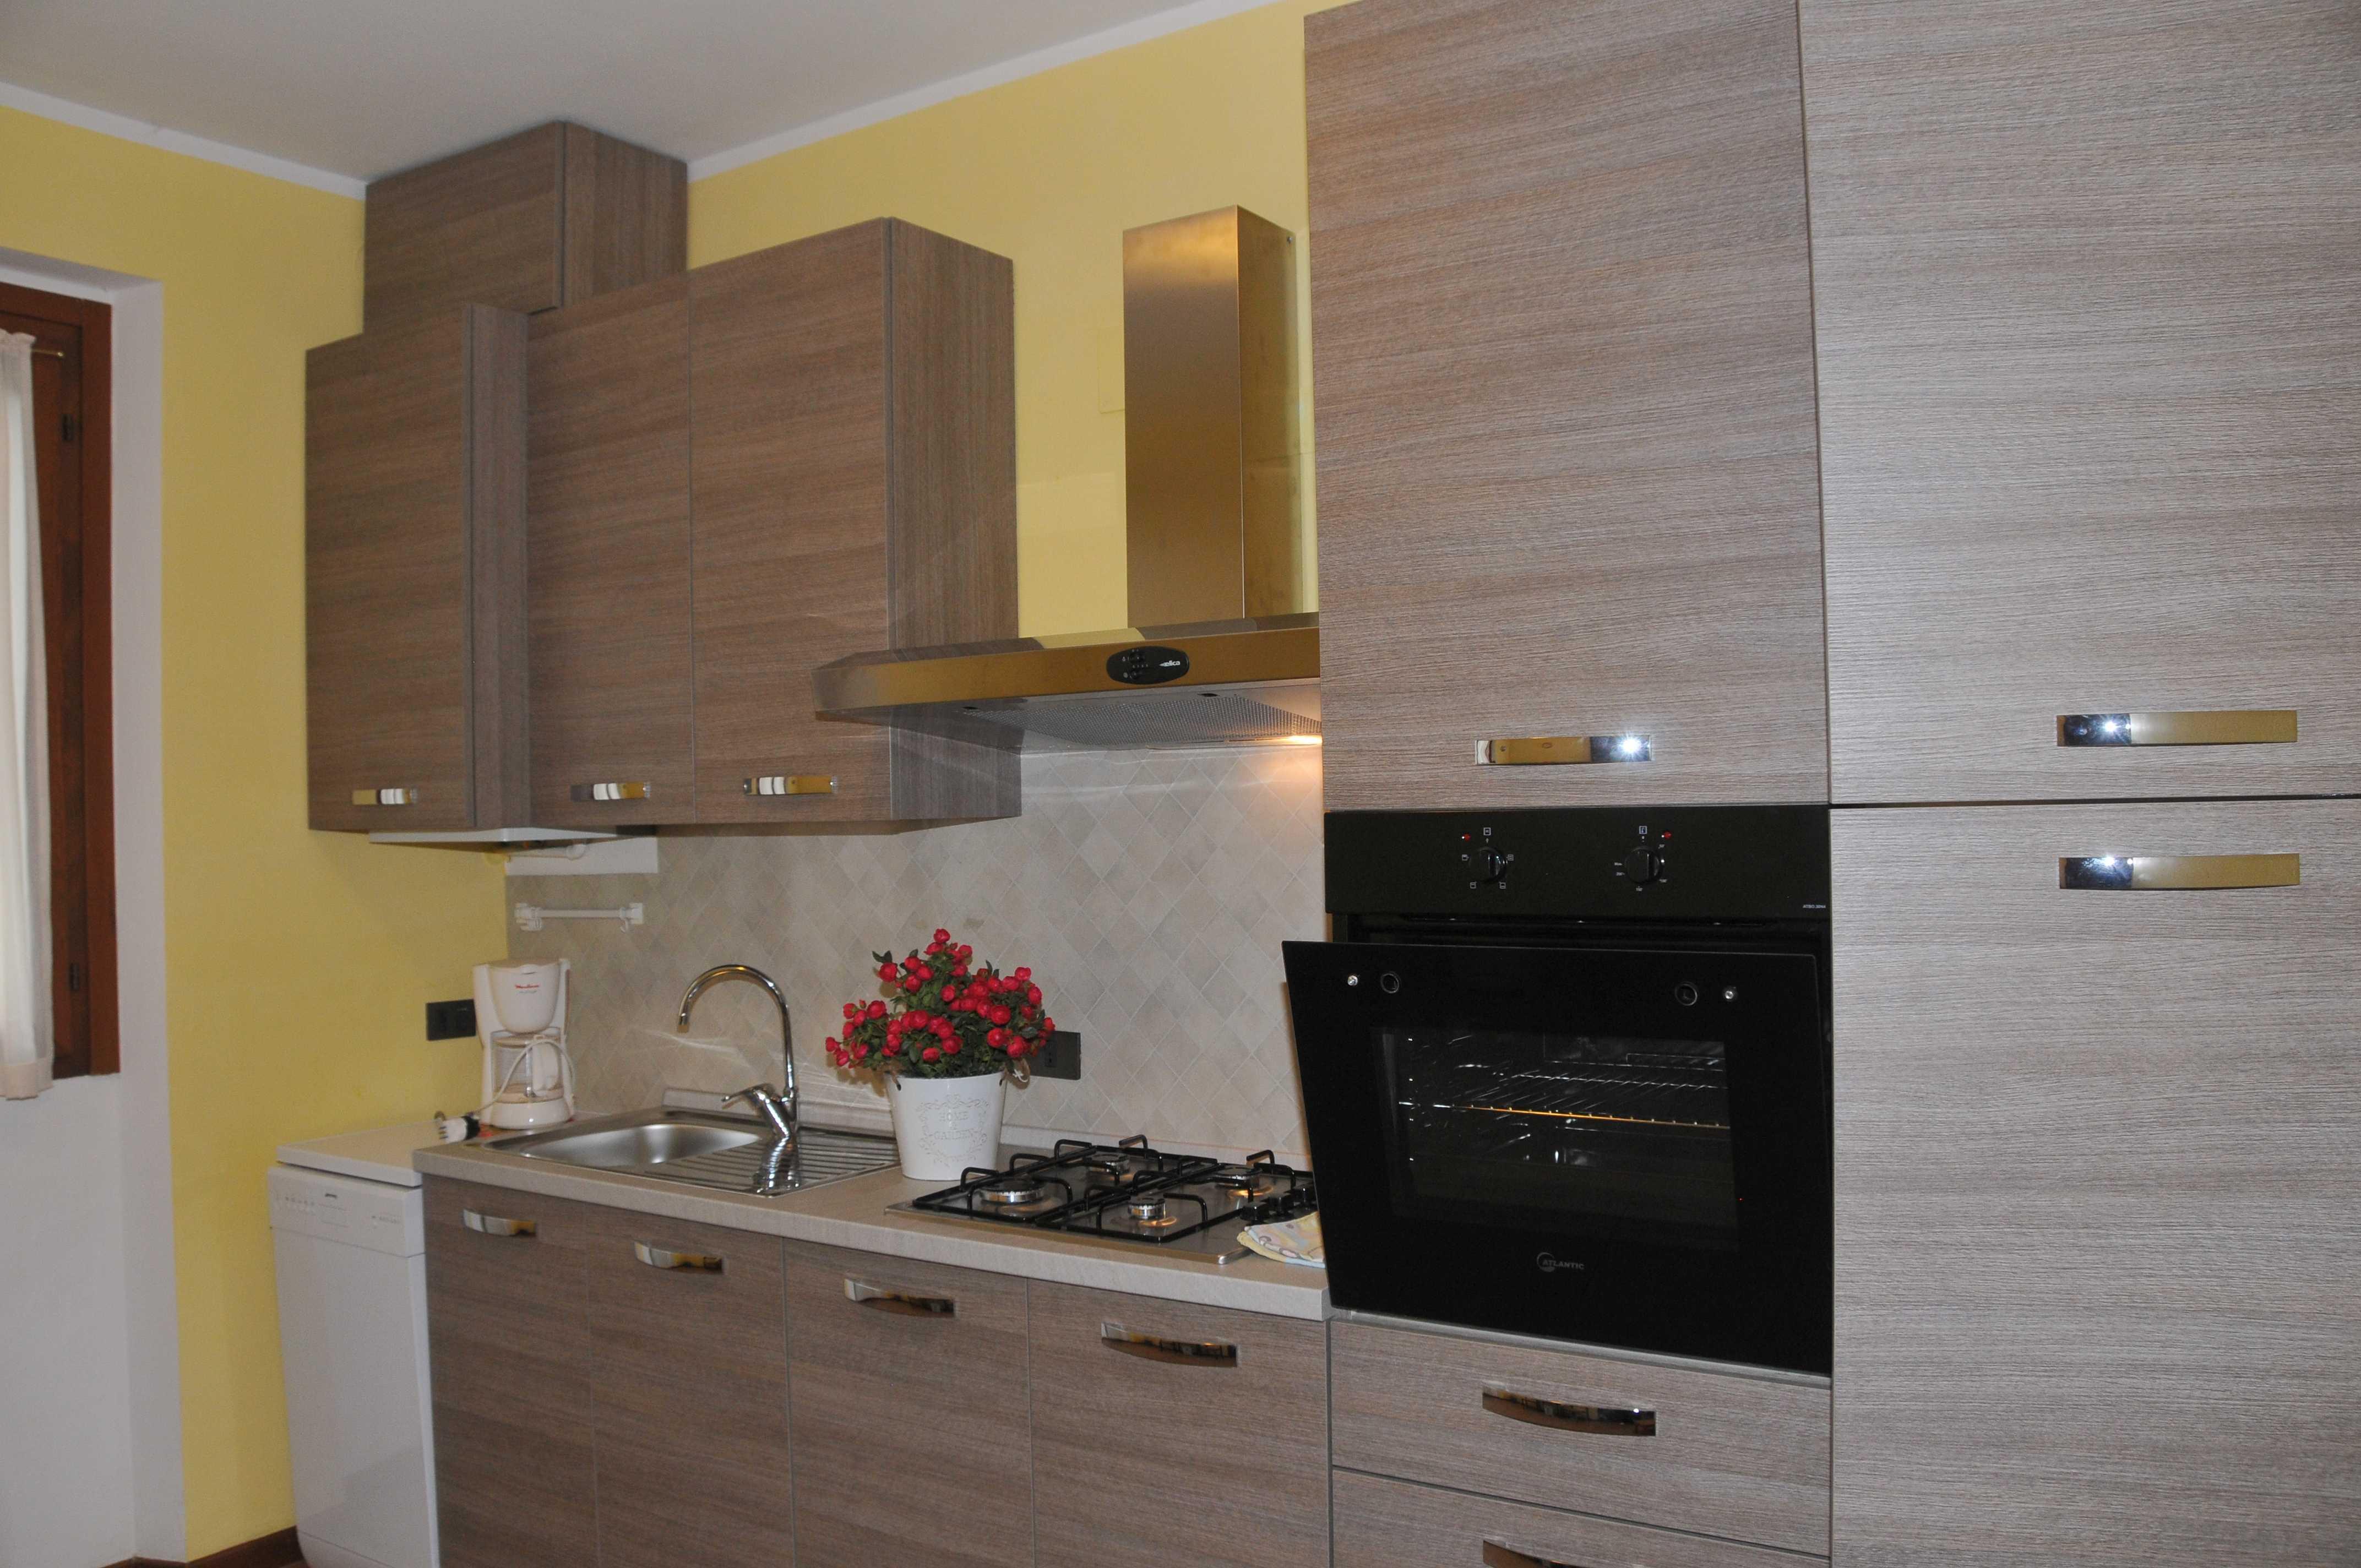 Cucina Casa Lucia 1 - lago di Idro - Hotel Alpino